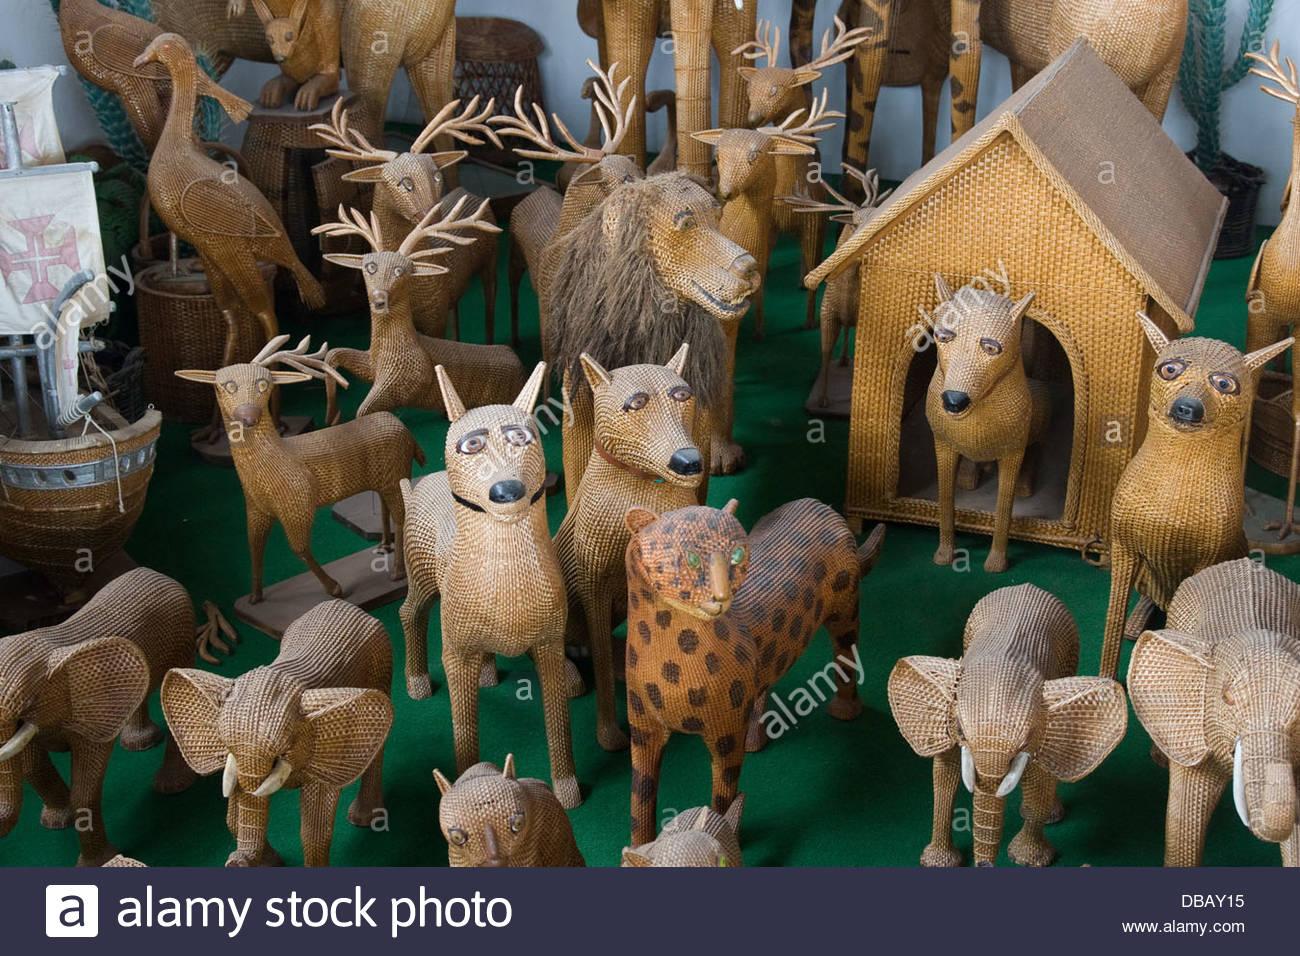 L'Osier animaux dans une boutique d'artisanat en Camacha sur ...